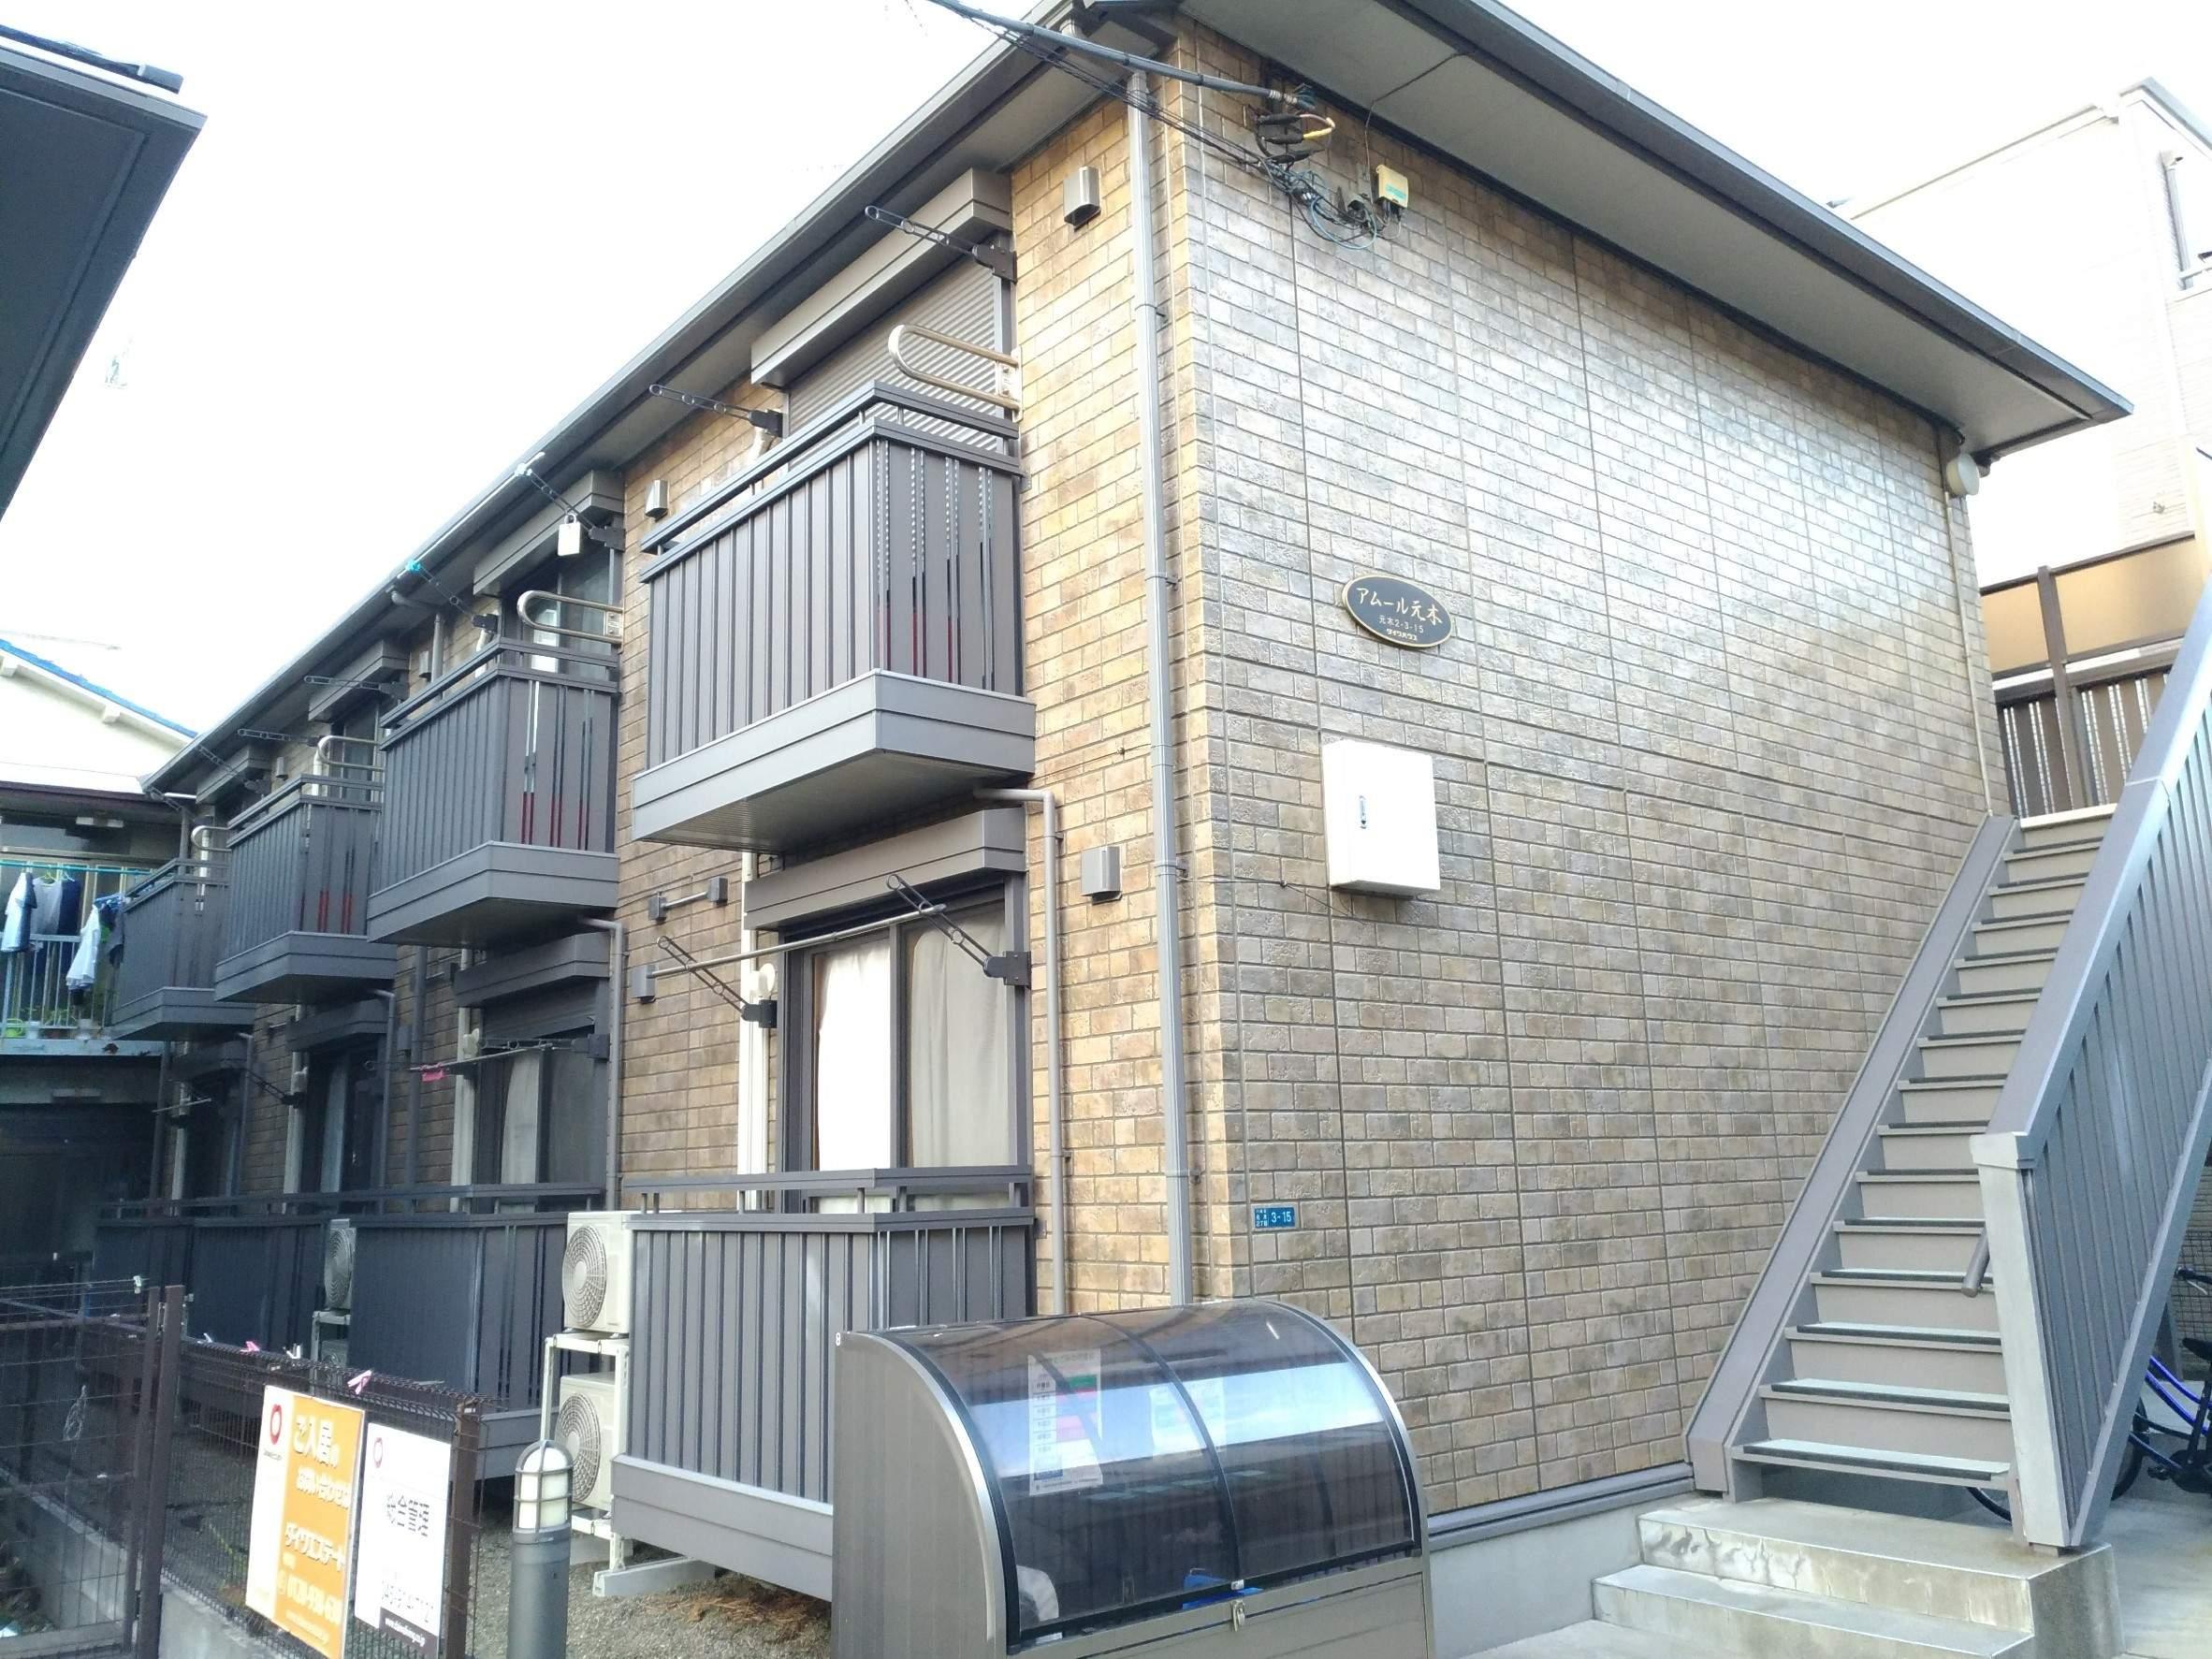 神奈川県川崎市川崎区、川崎新町駅徒歩10分の築13年 2階建の賃貸アパート